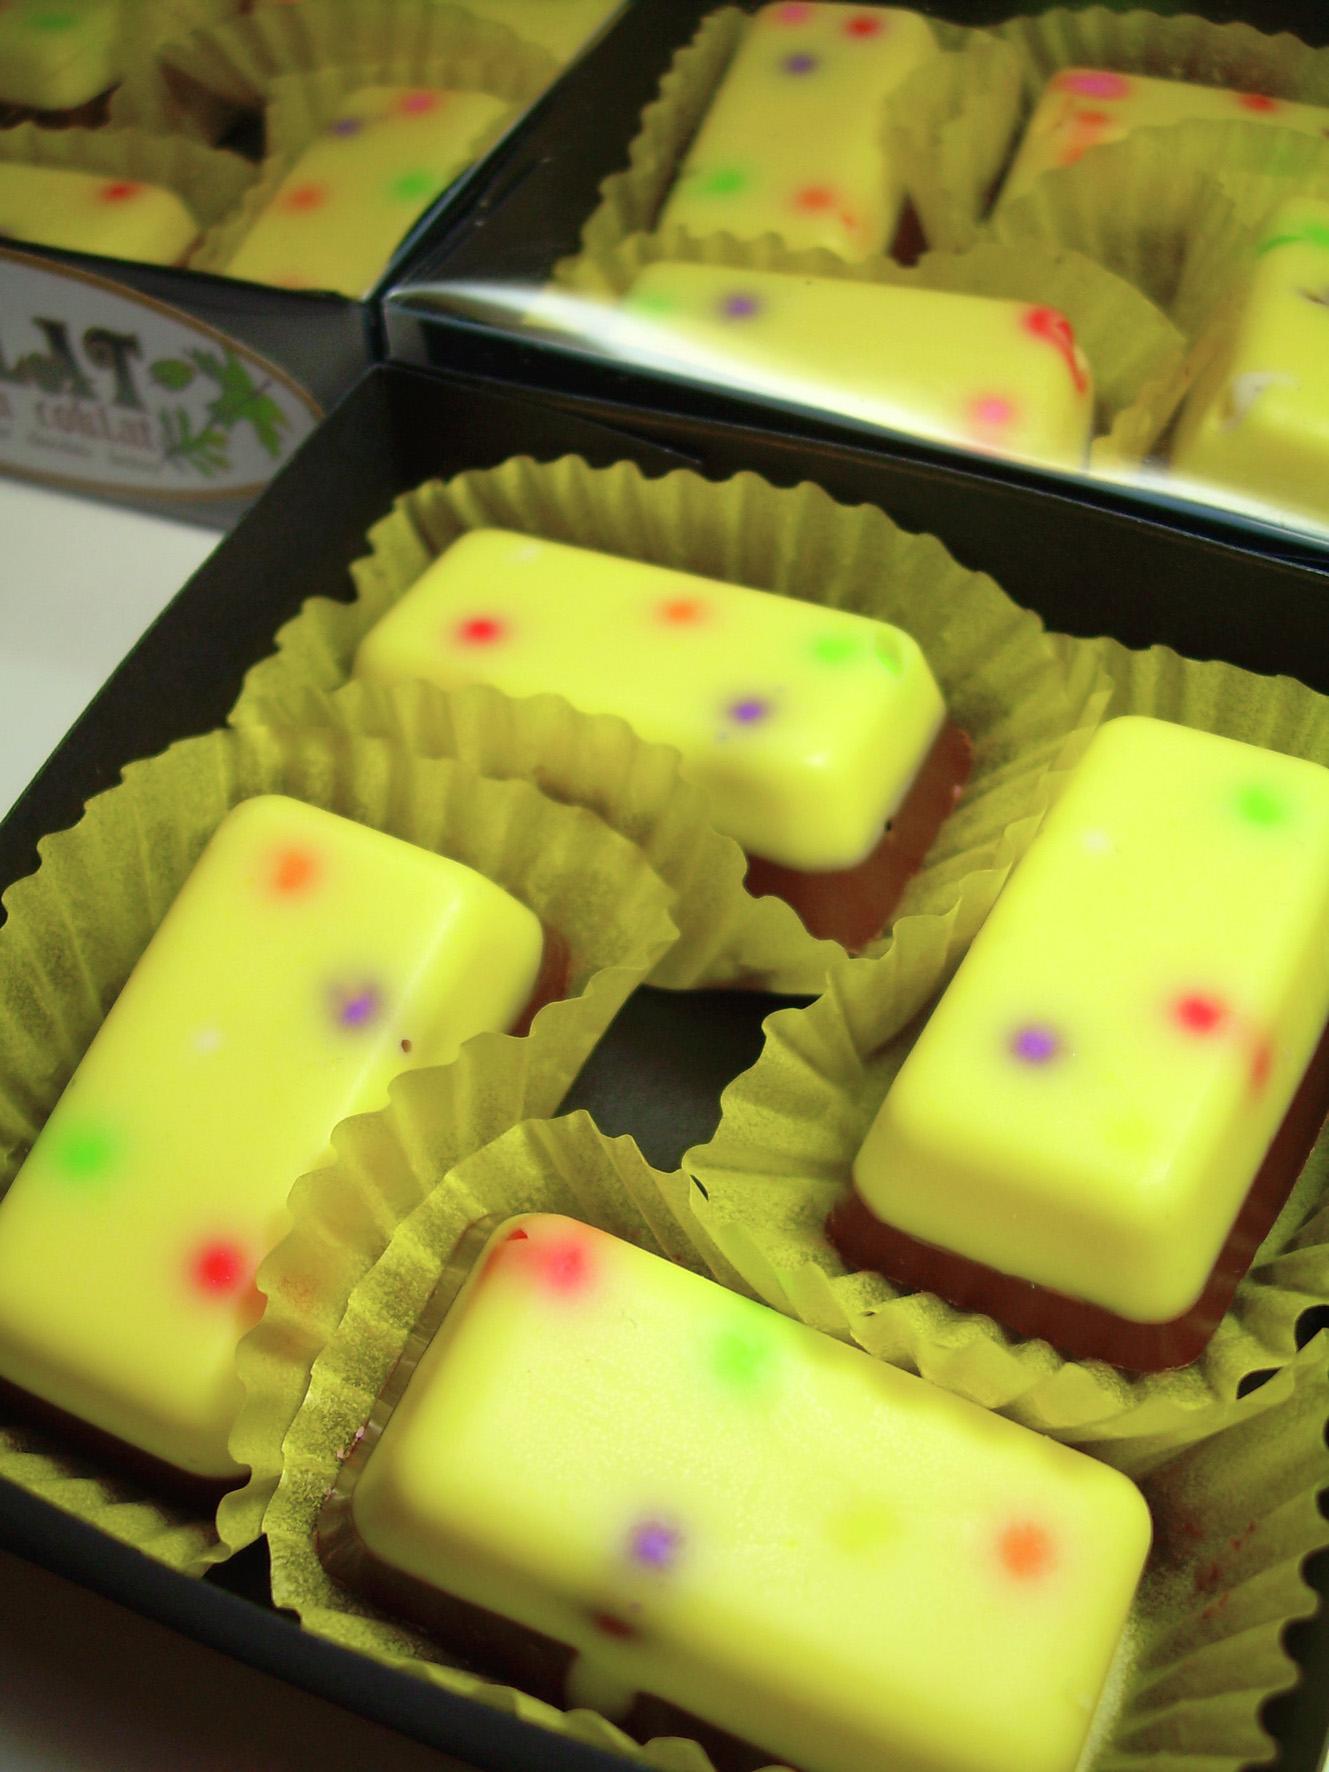 Harga Jual Coklat Pasta Update 2018 Produk Ukm Bumn Suscho Sus Surabaya Cokelat Praline From Solo With Chocolate Tapi Kalau Beraroma Dan Berasa Jeruk Tentu Hanya